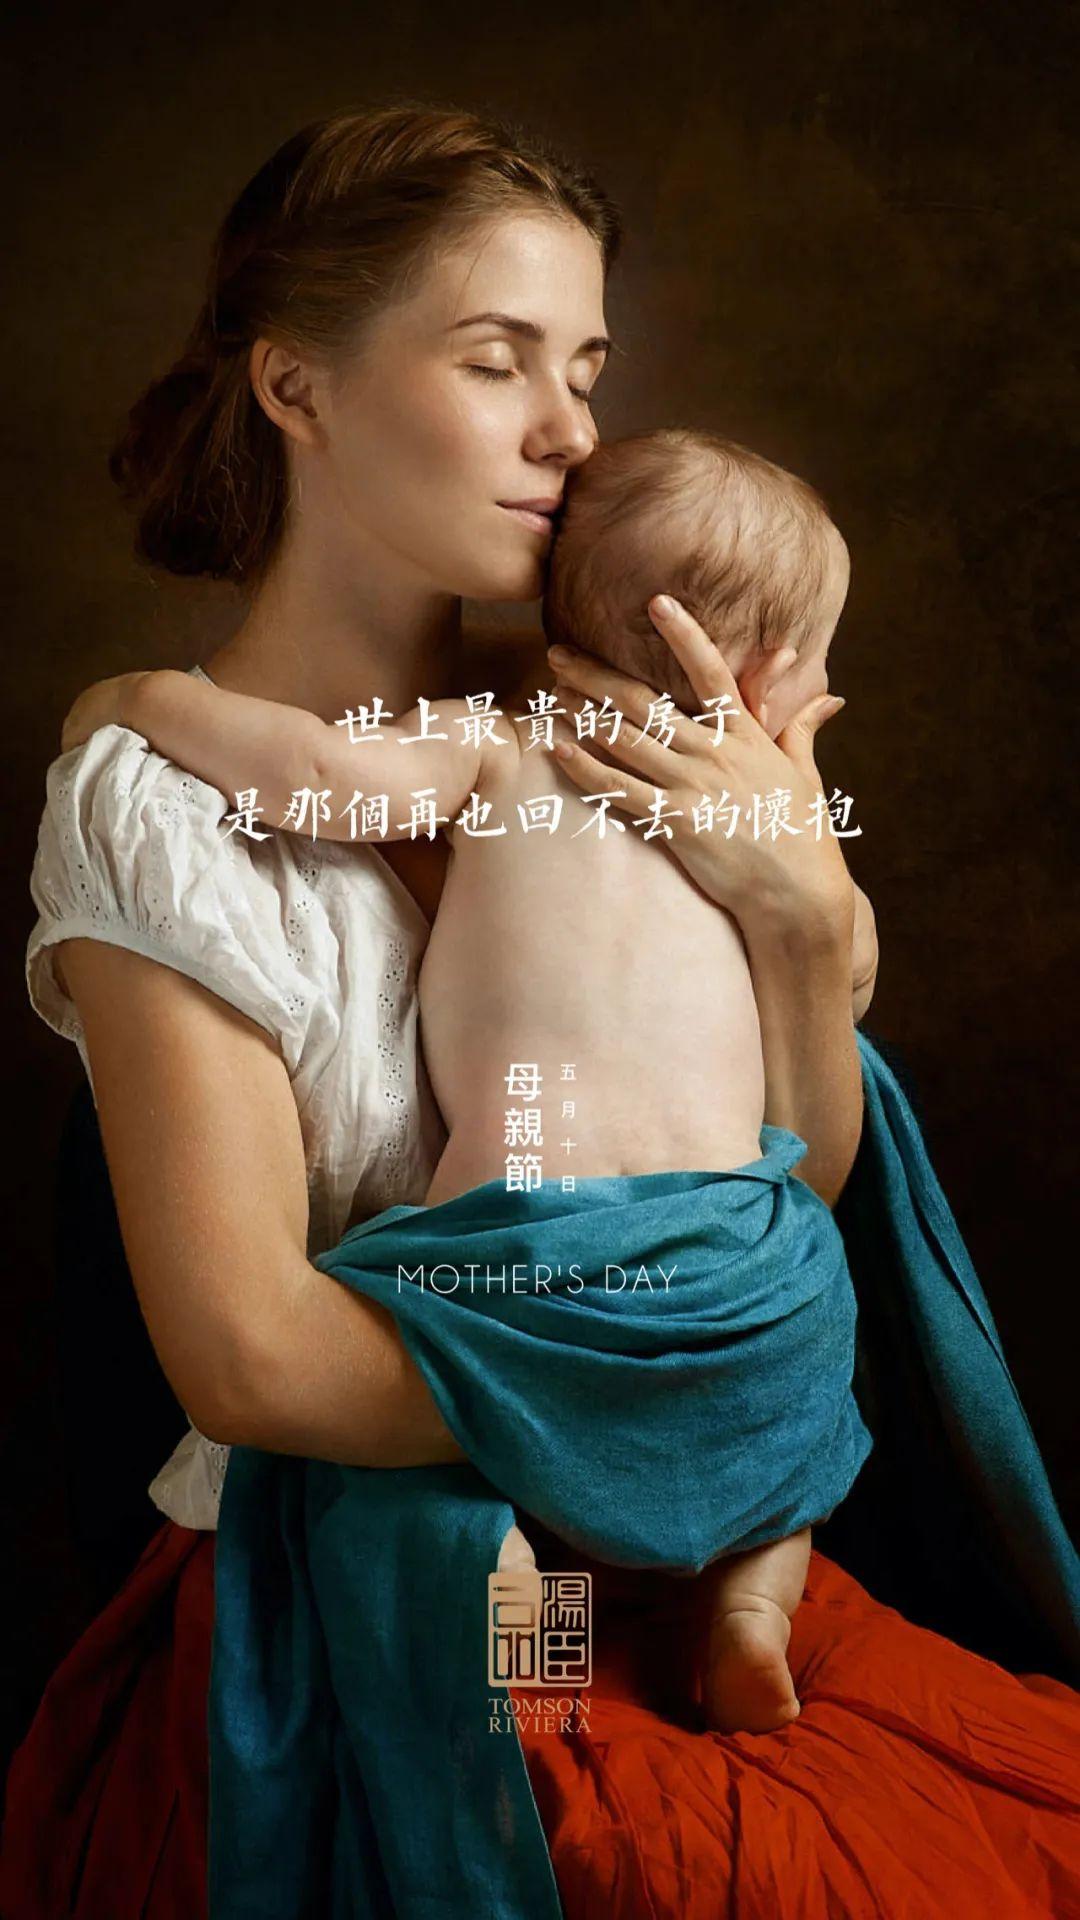 母亲节文案来了:各品牌借势母亲节文案分享~插图2